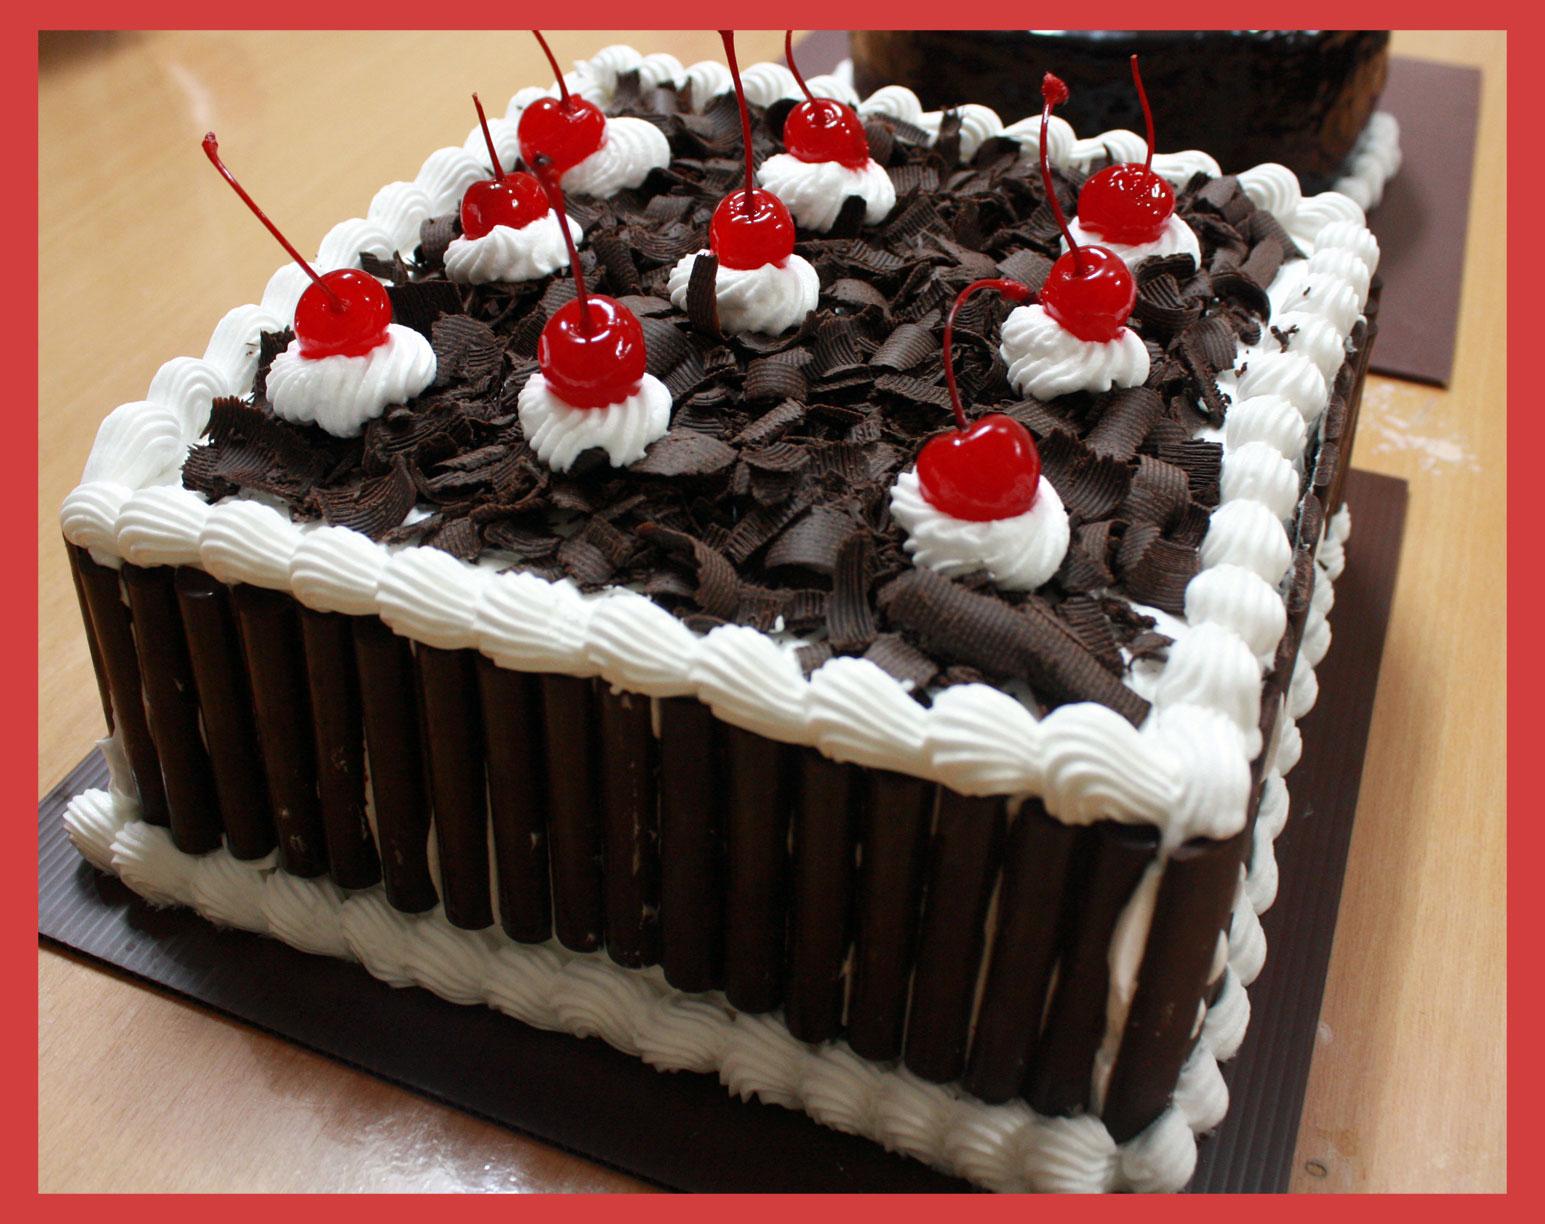 Pin Kue Ulang Tahun Unik Roti Gambar Cake On Pinterest